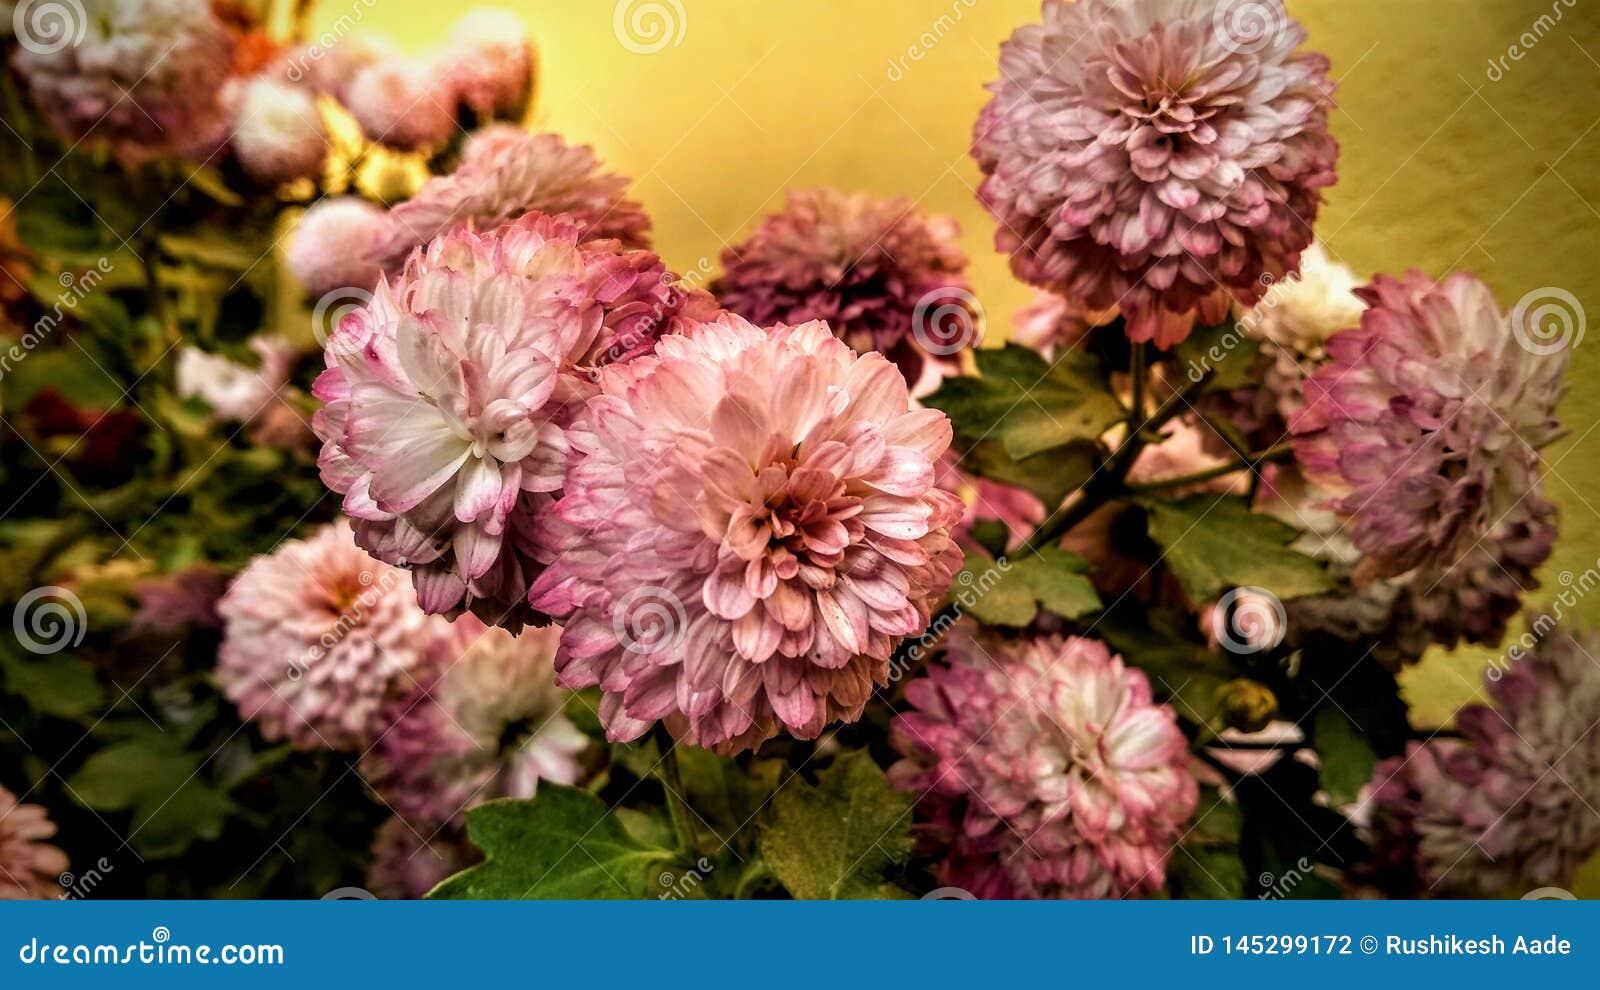 Il convertito della margherita bianca nel fiore rosa della margherita